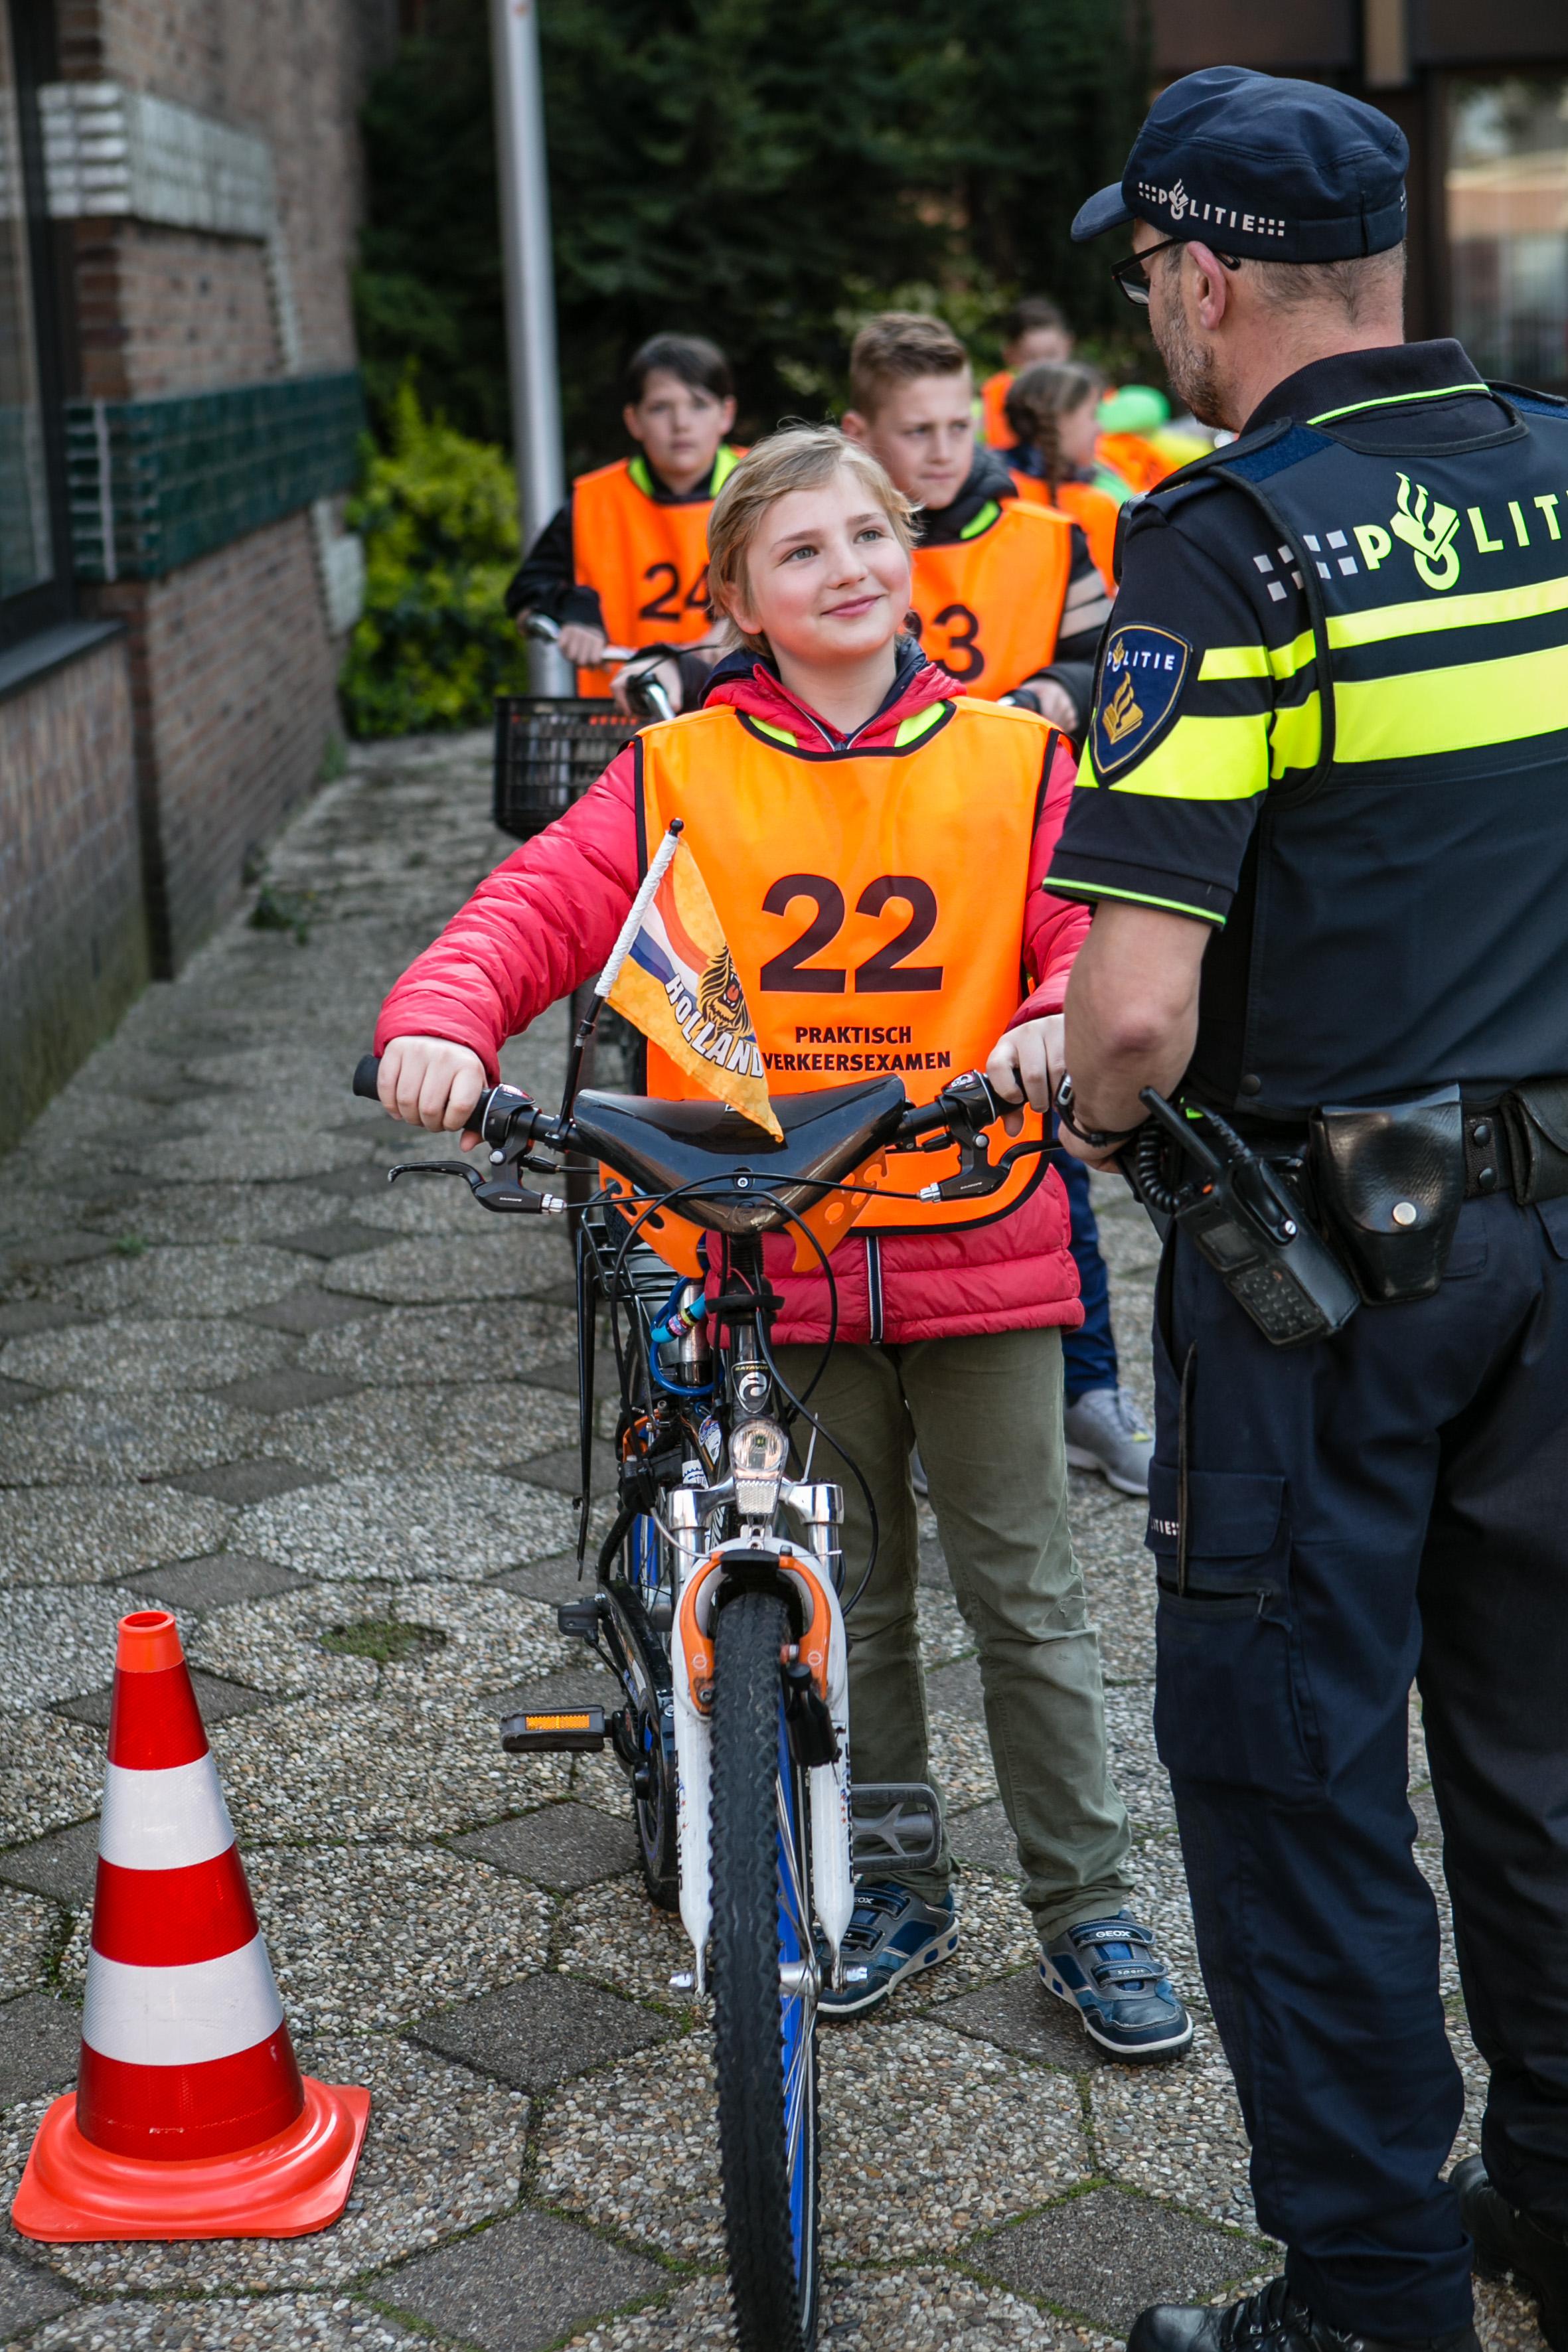 verkeersexamen foto eric van nieuwland 075118